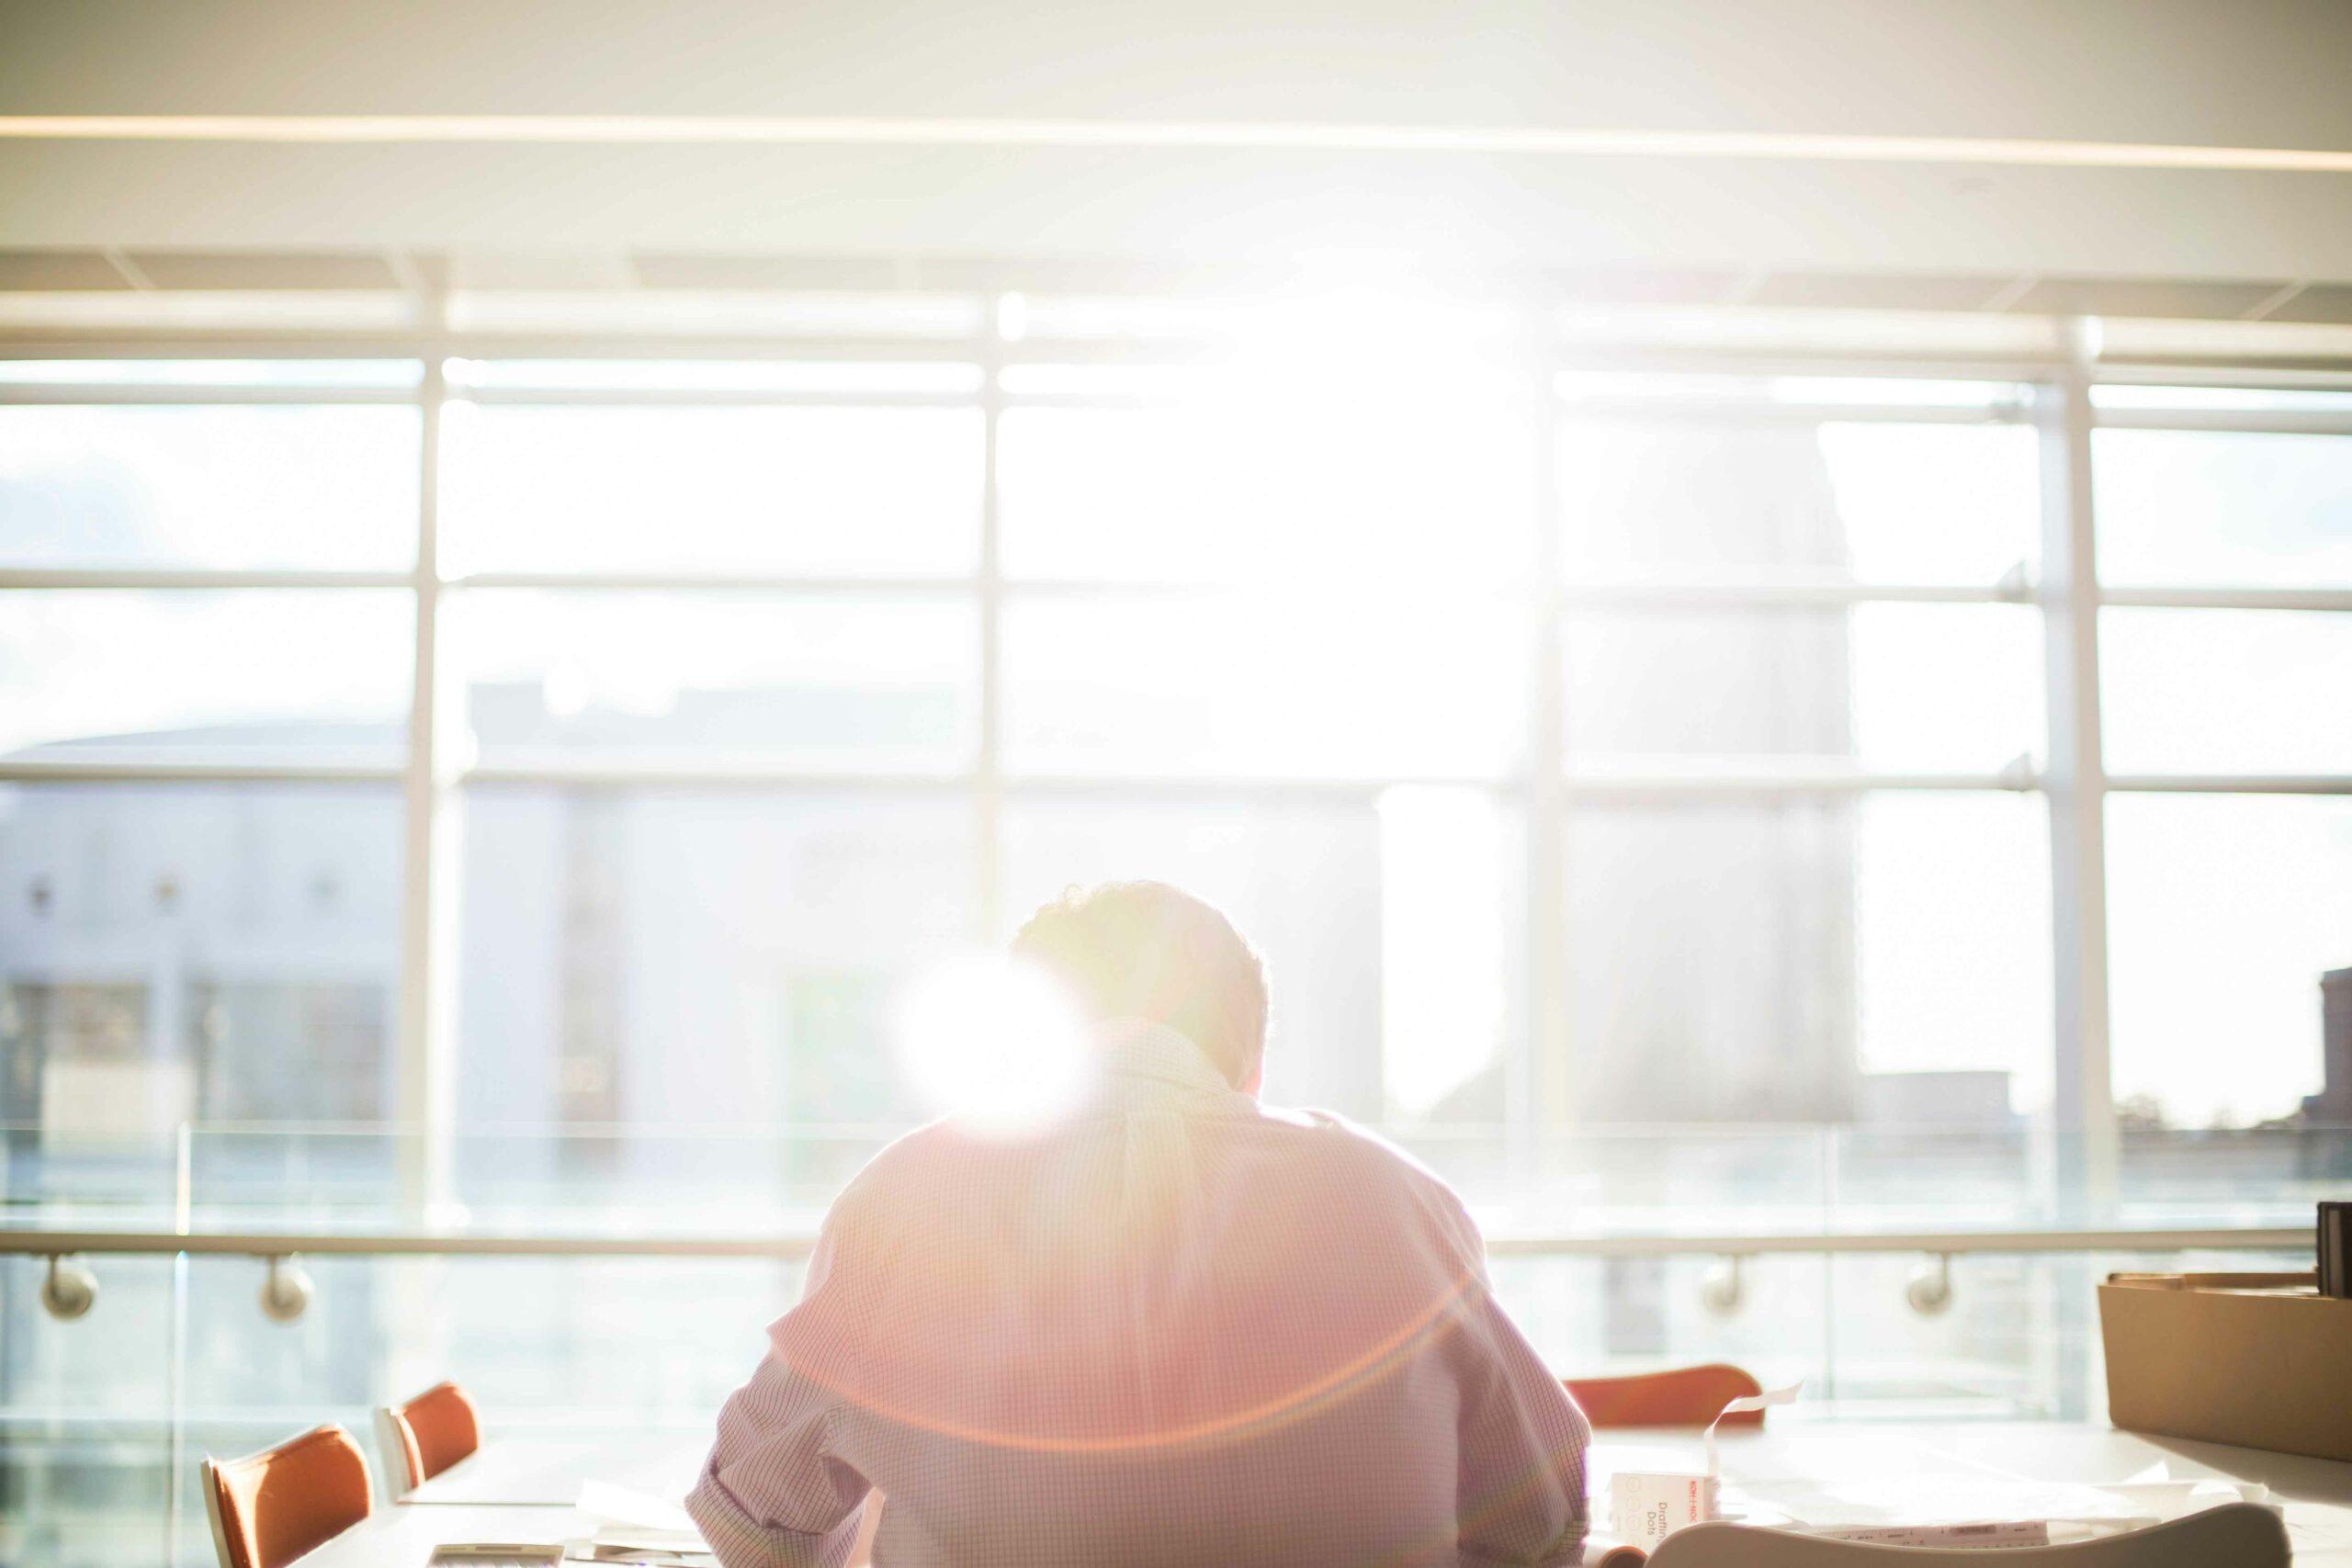 Bénéficier d'un environnement de travail sain une composante essentielle du bien-être au travail